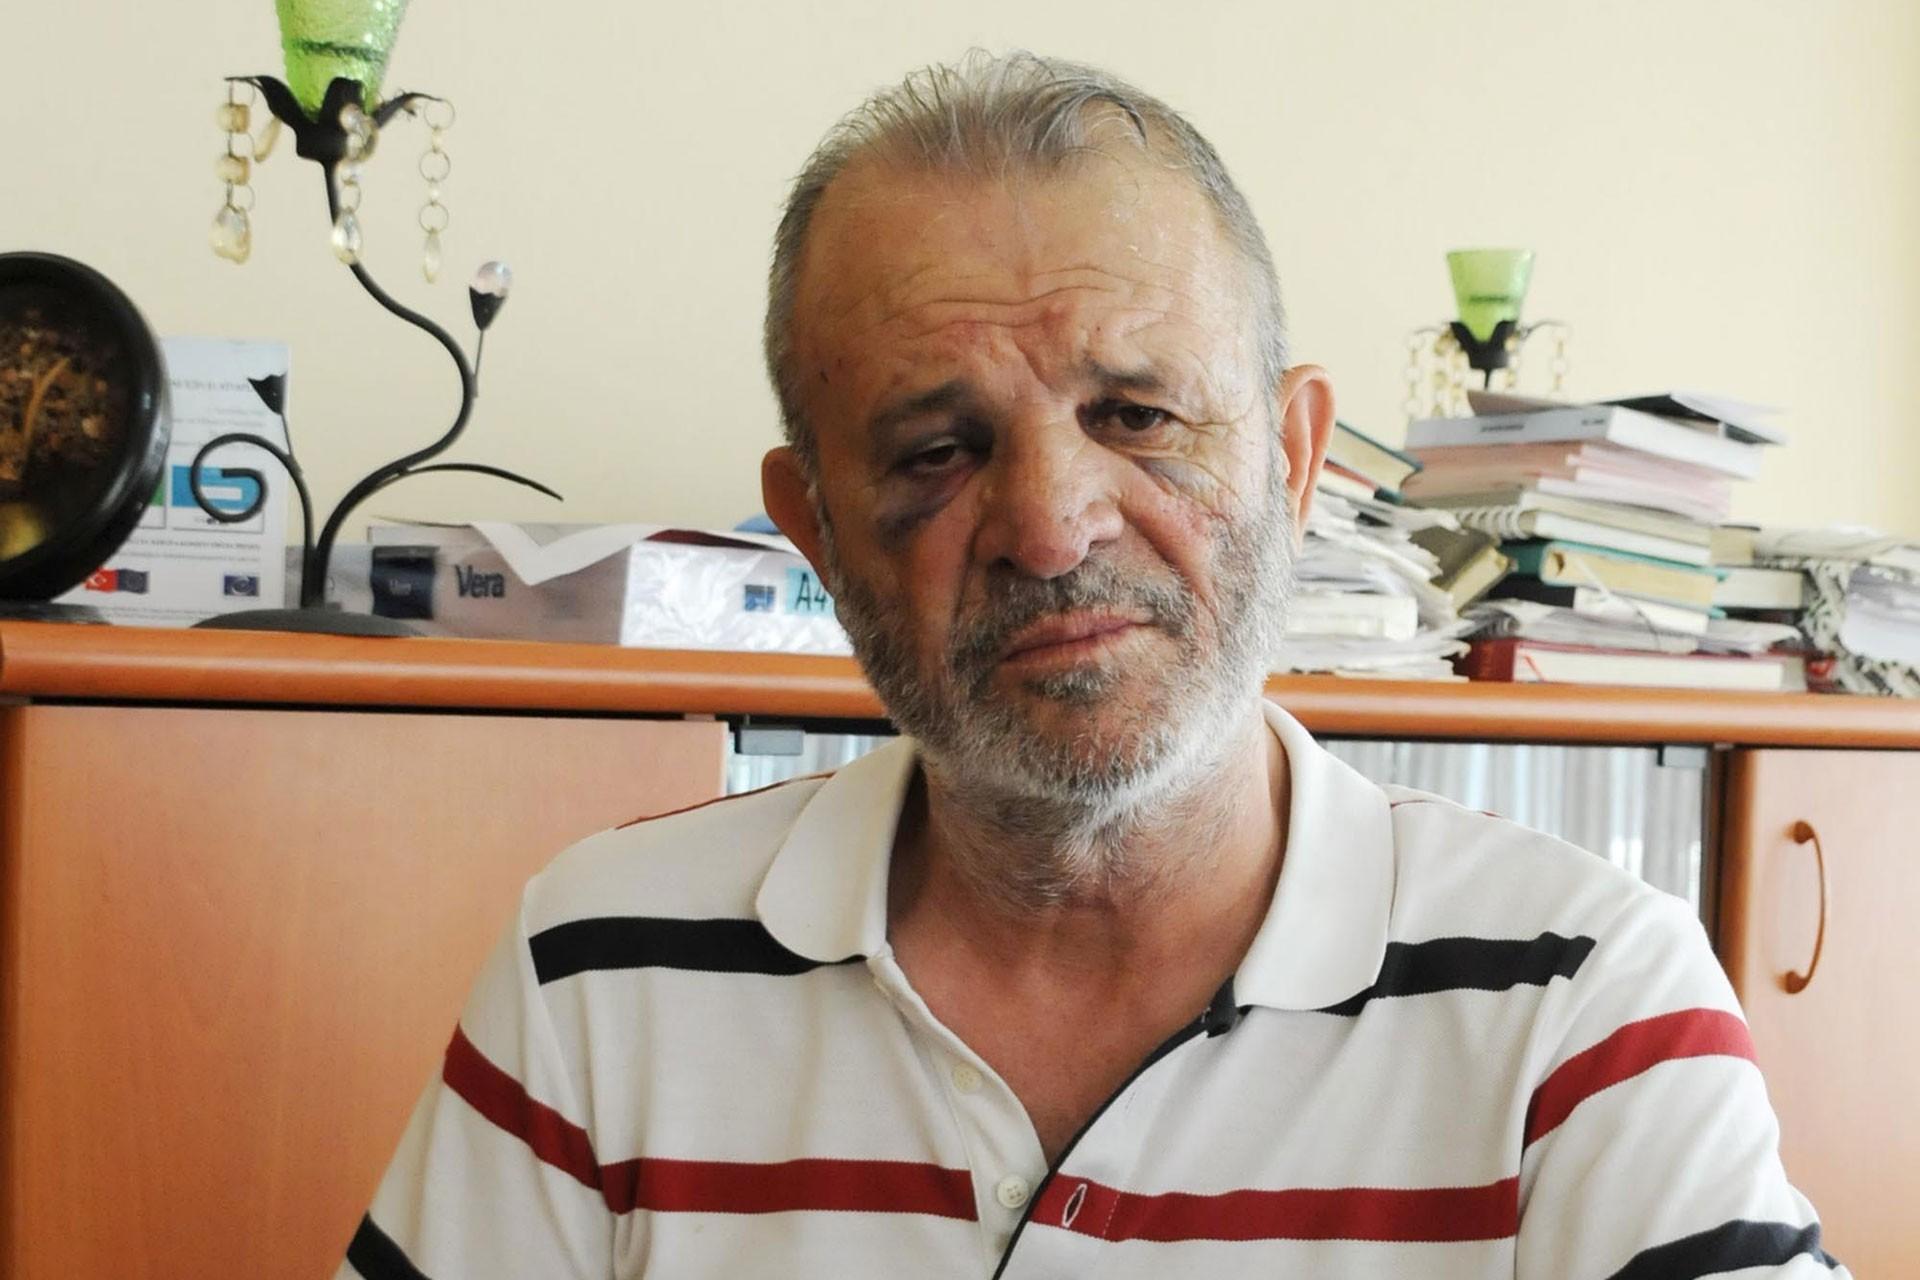 Yalova'da avukatı darbeden kişi serbest bırakıldı